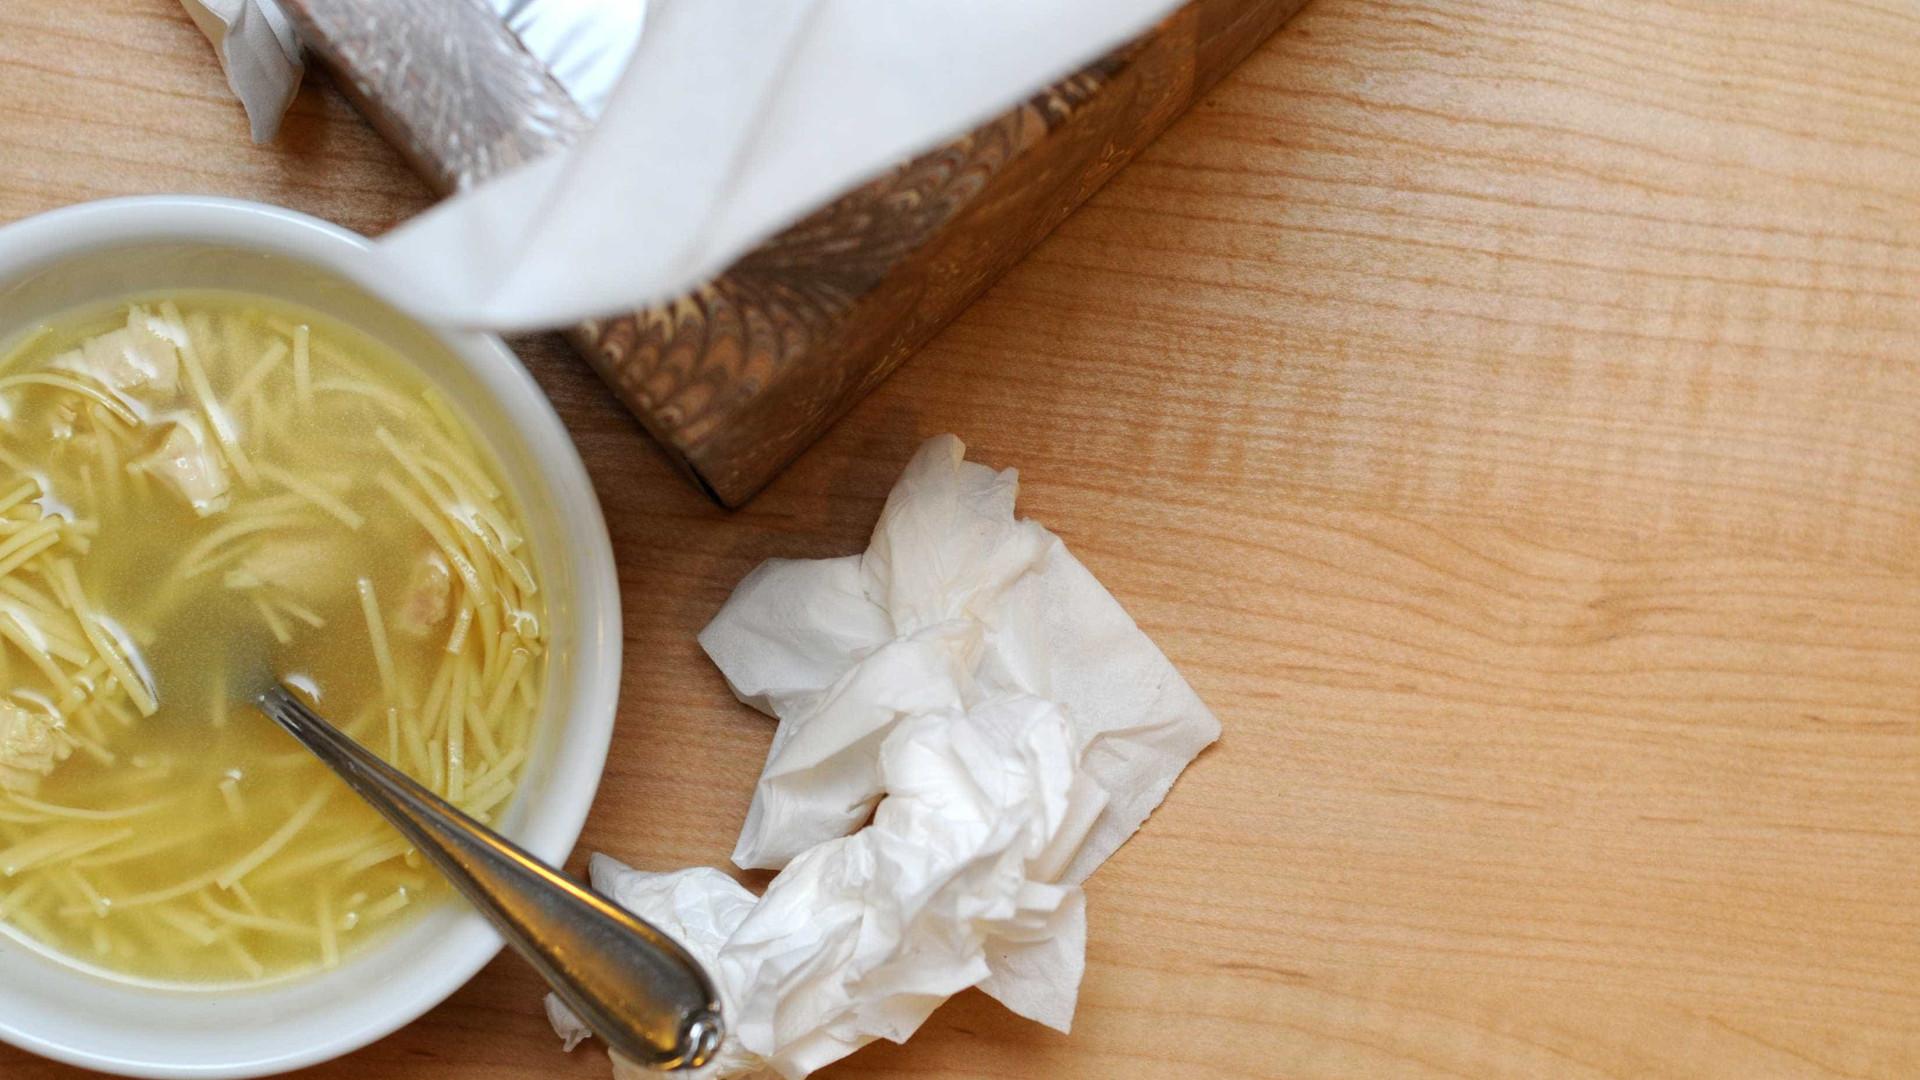 Curar a gripe sem medicamentos? É possível e aconselhado